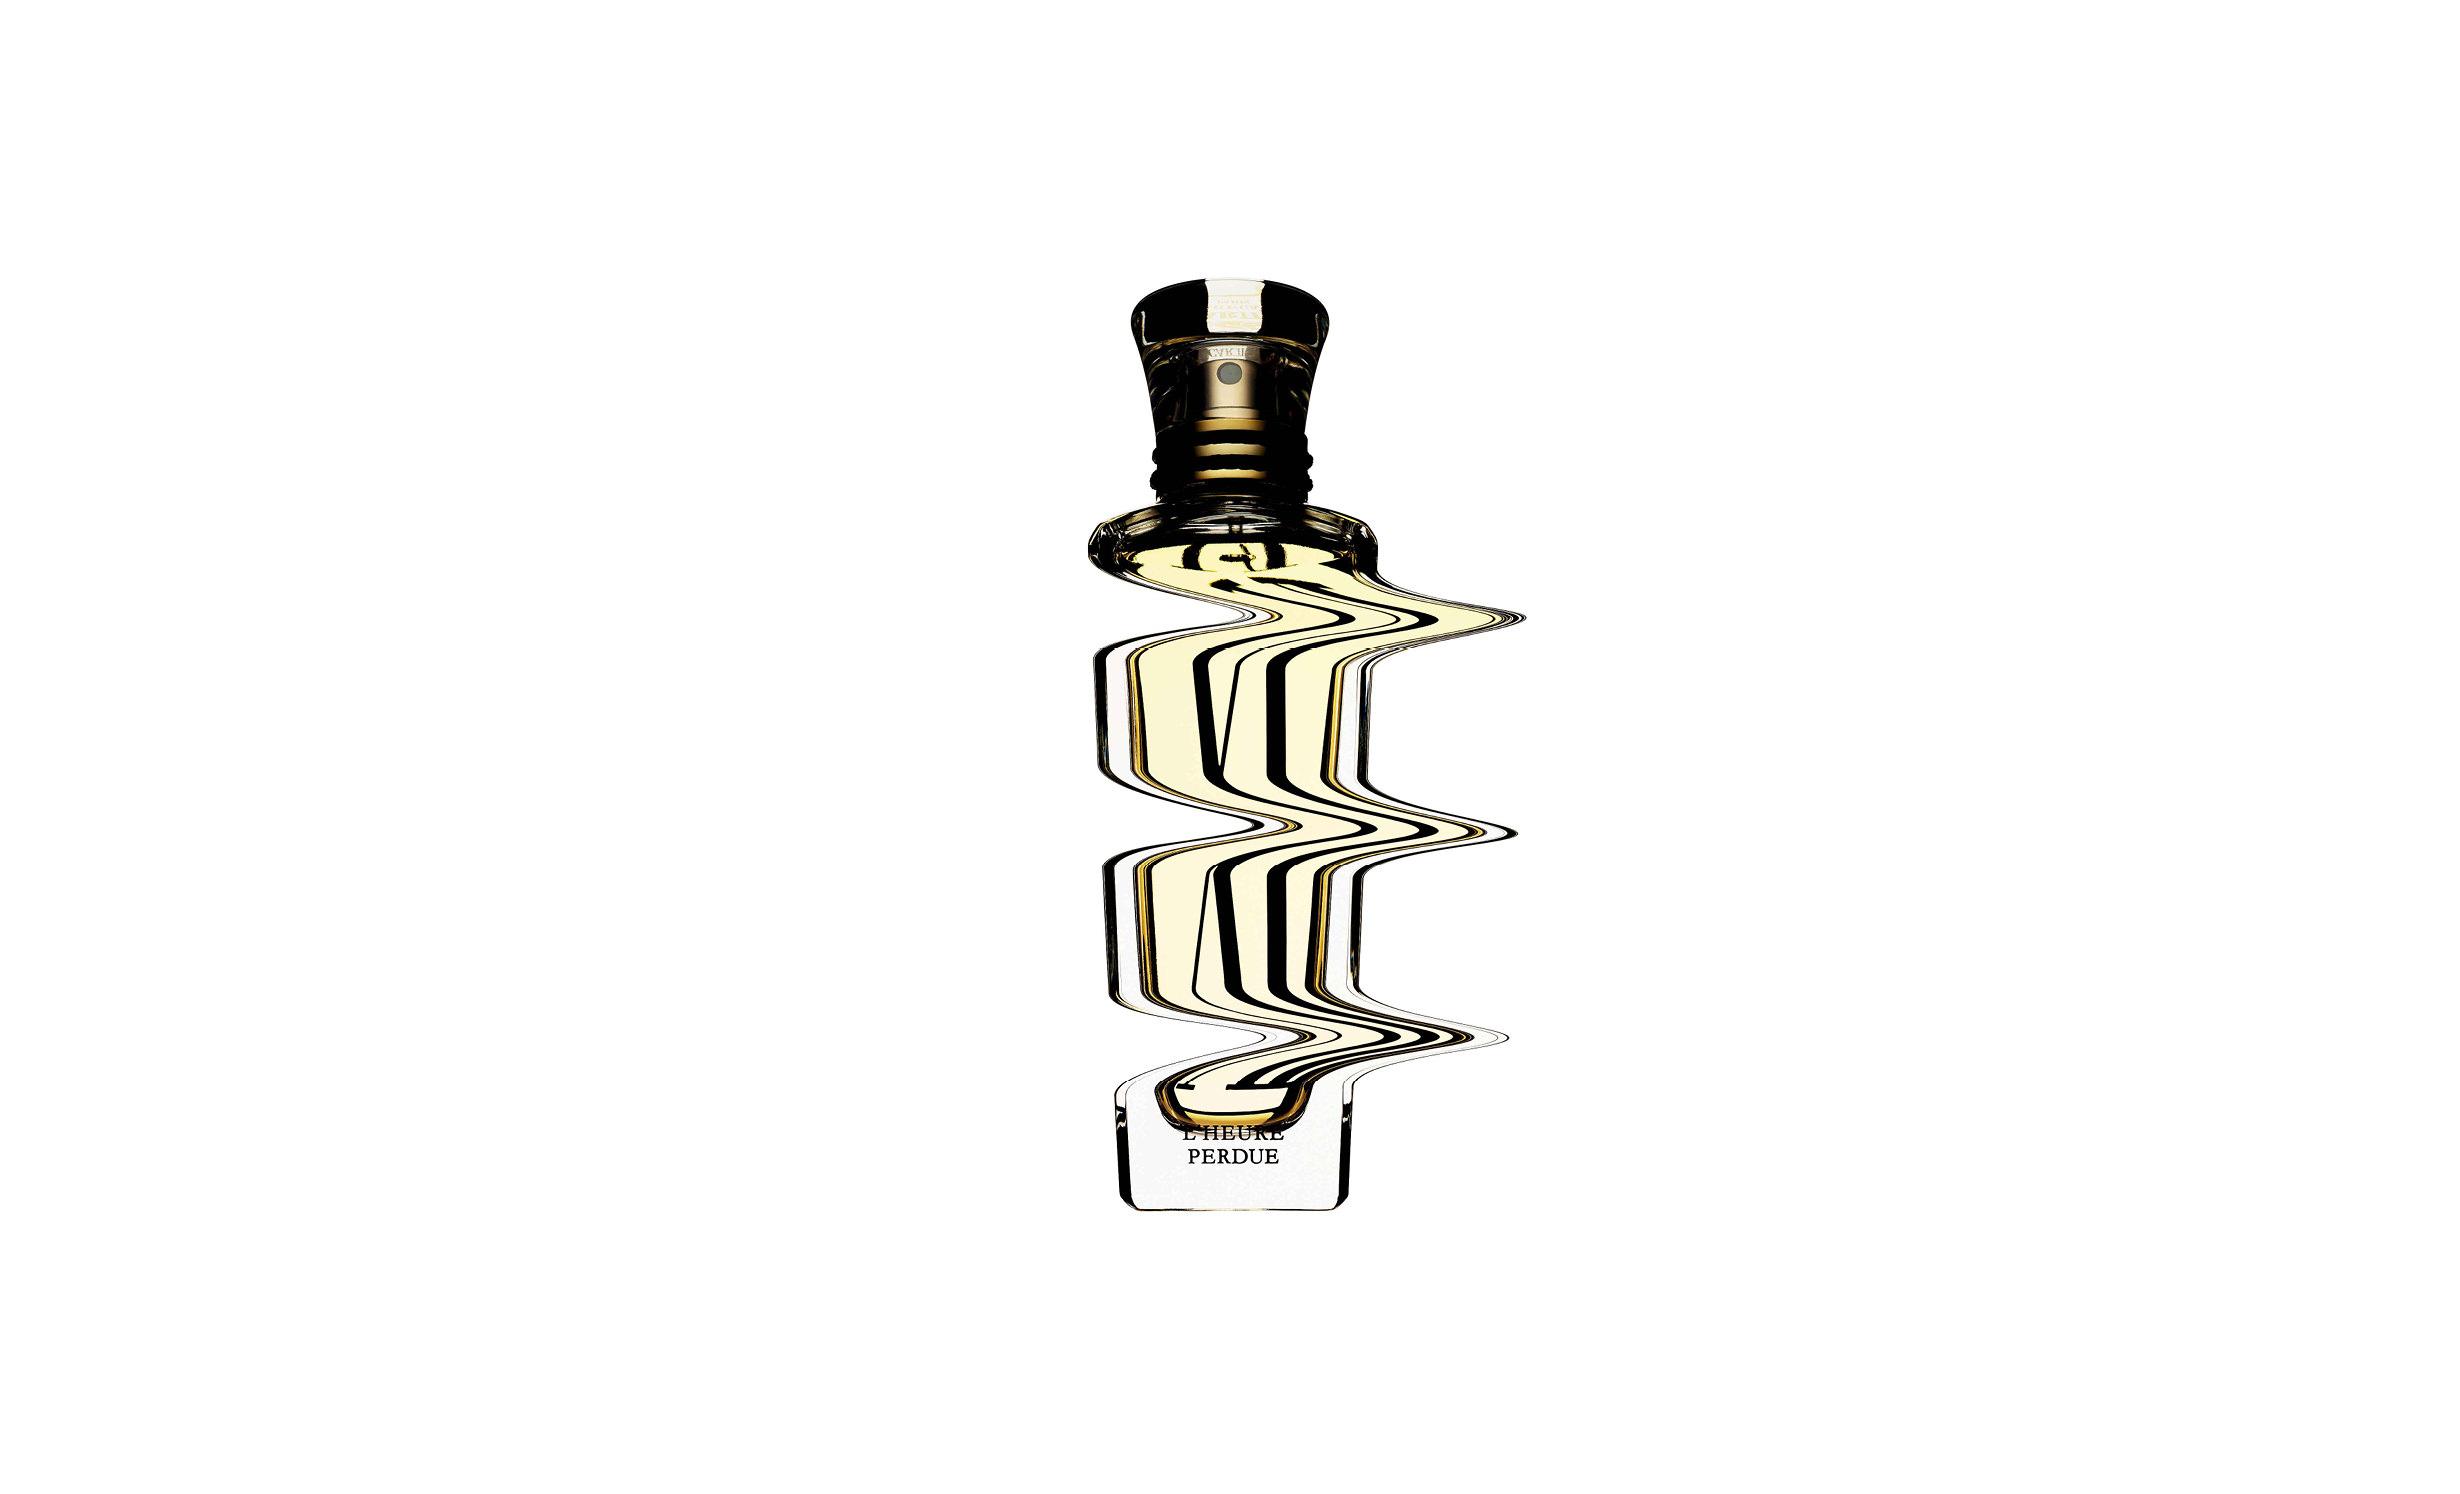 """""""Collection Les Heures de Parfum, XI – L'Heure Perdue"""", eau de parfum, CARTIER."""